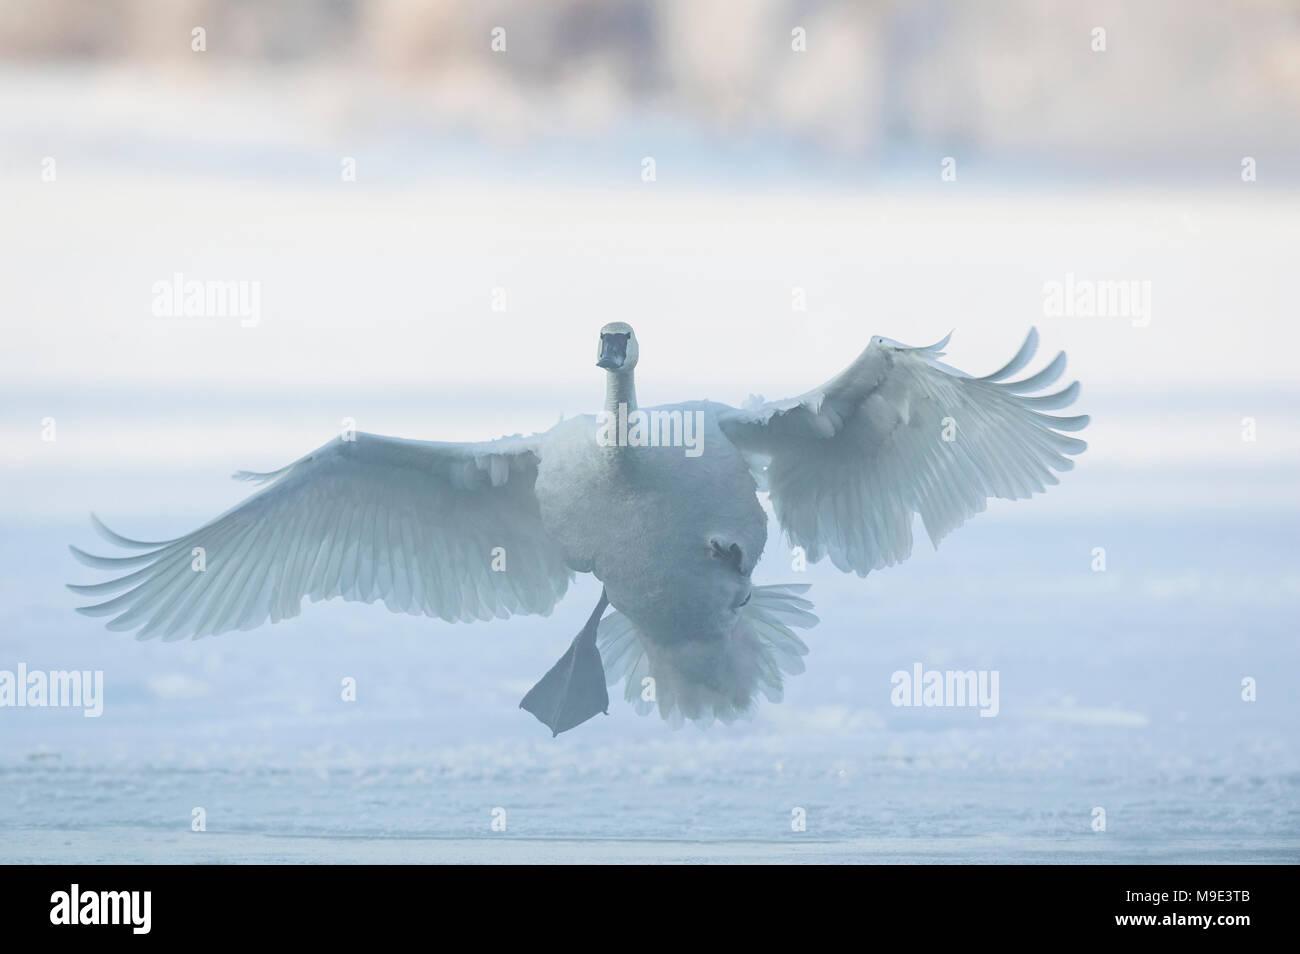 Trumpeter cisnes (Cygnus buccinator) que aterrizaba en Santa Cruz, el Río Hudson, WI, USA, a mediados de enero, Dominique Braud/Dembinsky Foto Assoc Foto de stock